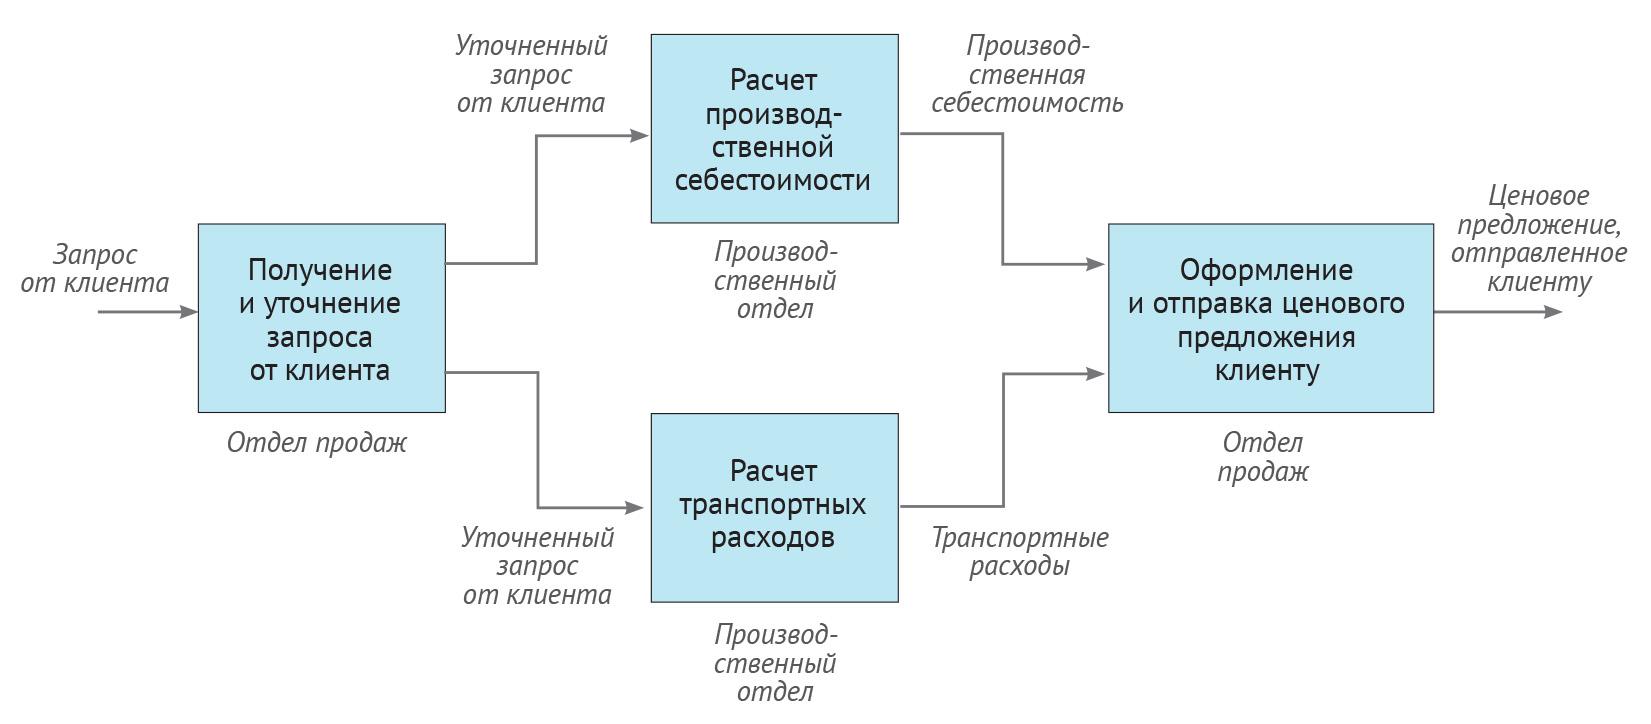 Бизнес-процесс Подготовка ценового предложения клиенту